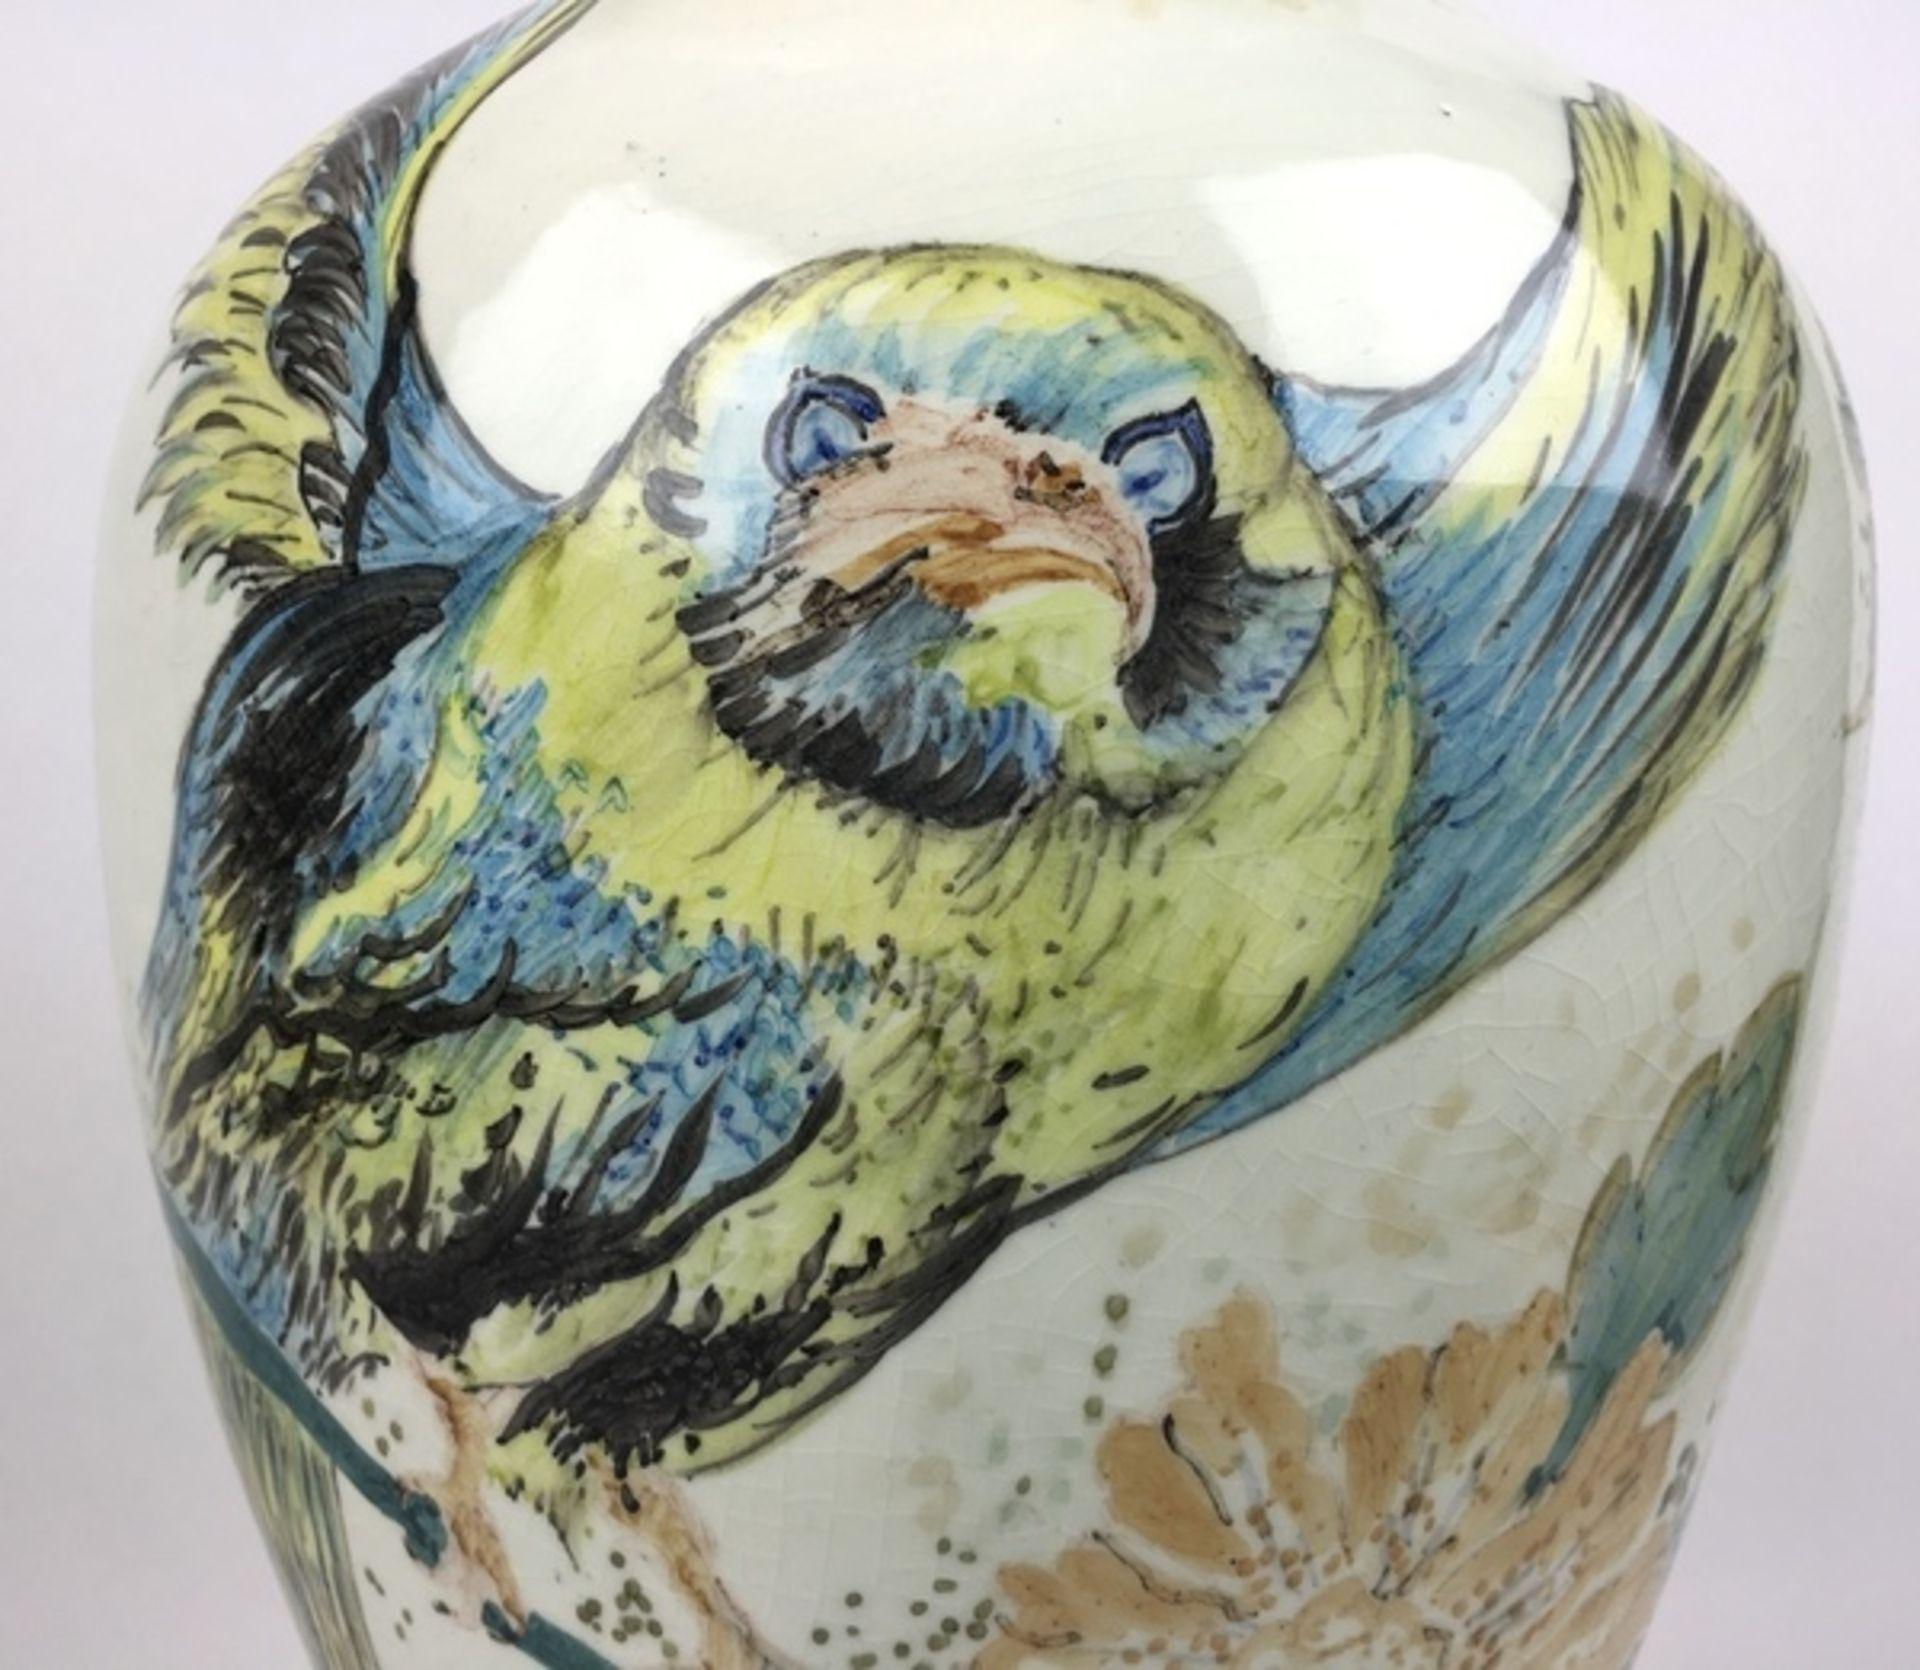 (Toegepaste Kunst) Plateel vaas, Gouda HollandPolychroom gedecoreerde vaas. Gemerkt Gouda Holla - Image 5 of 9